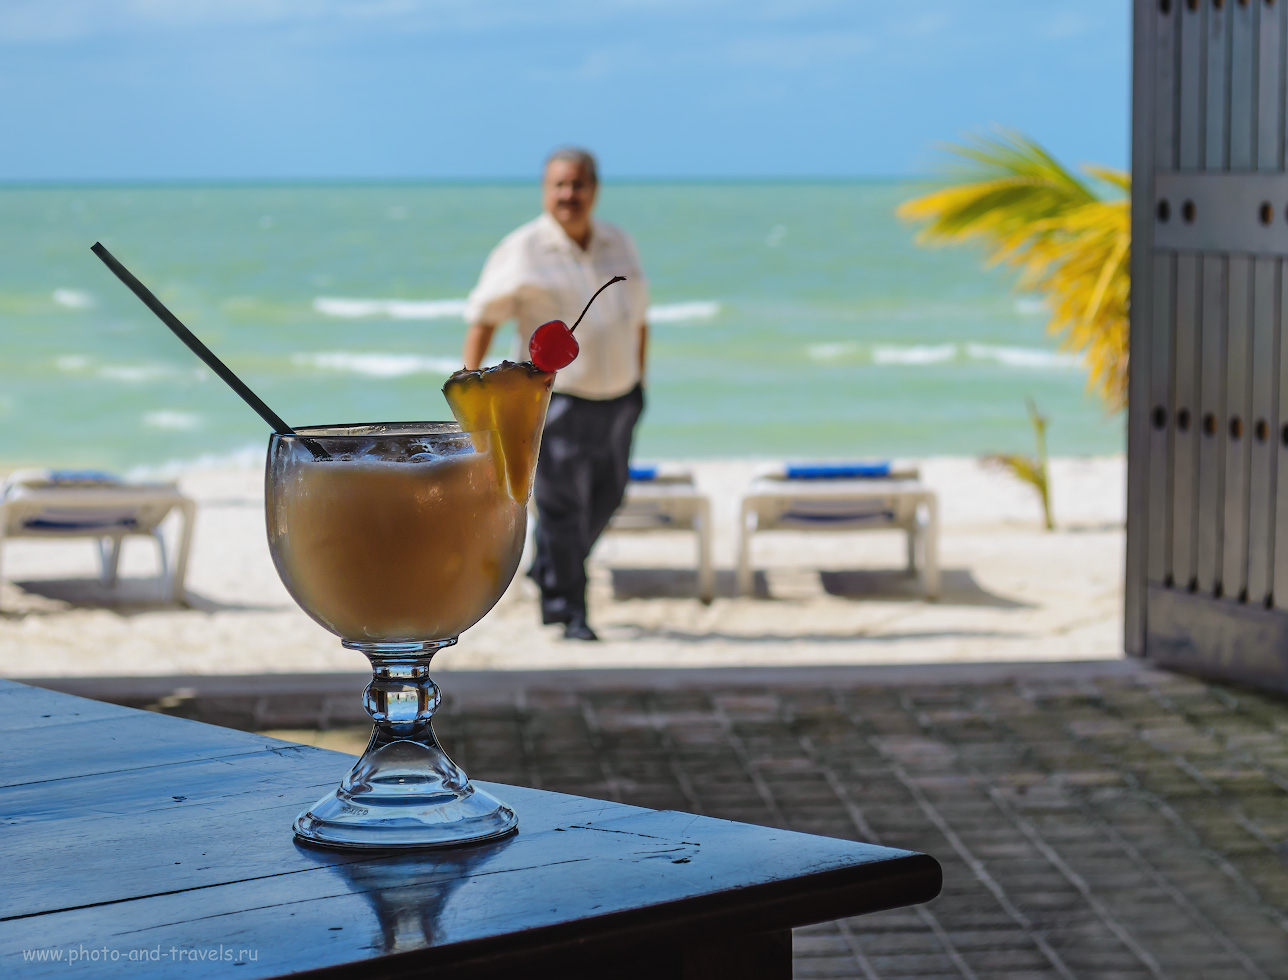 Фото 14. Эх... вернуться бы в то место, в тот день... Мексика в ноябре. Отзывы. Поездка на арендованной машине из Канкуна в поселок Селестун в поисках фламинго. 1/500, 8.0, 100, 55.